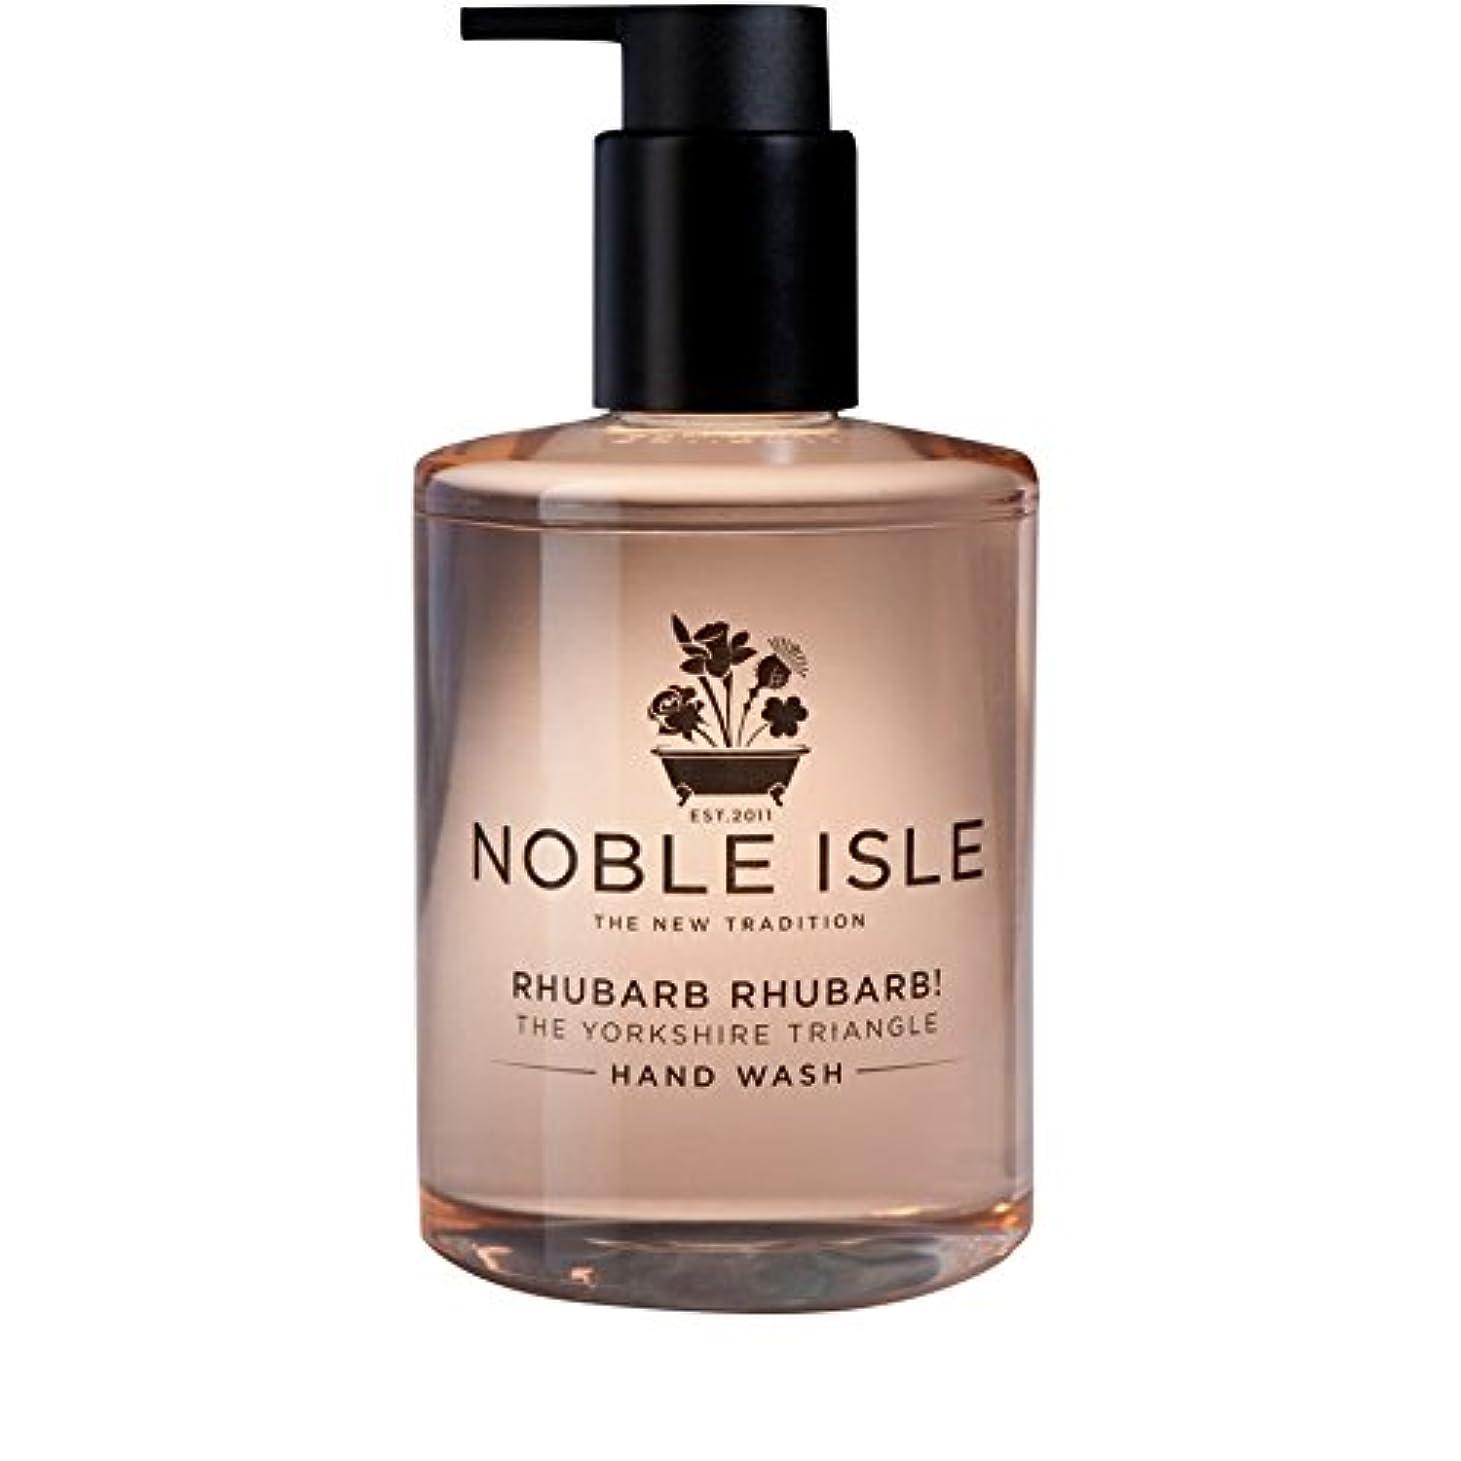 コウモリアドバンテージインサートNoble Isle Rhubarb Rhubarb! The Yorkshire Triangle Hand Wash 250ml - 高貴な島ルバーブルバーブ!ヨークシャー三角形のハンドウォッシュ250ミリリットル...